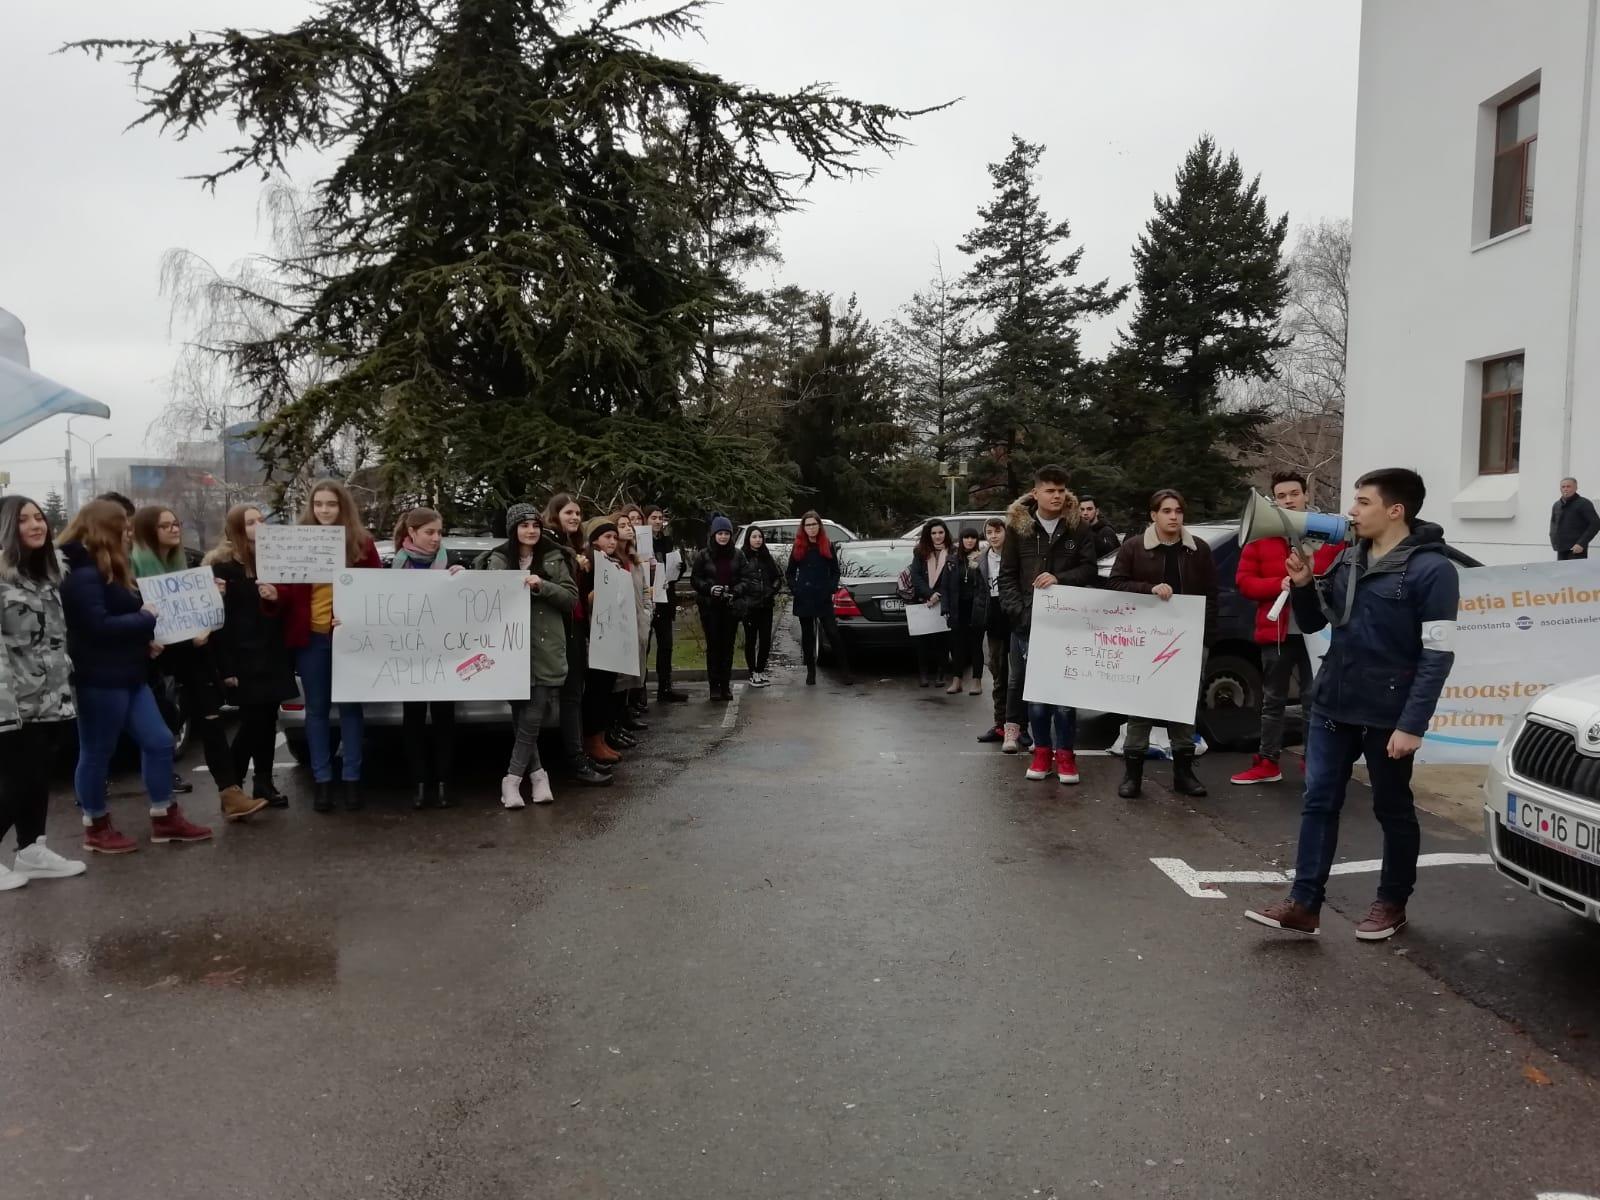 protest aec